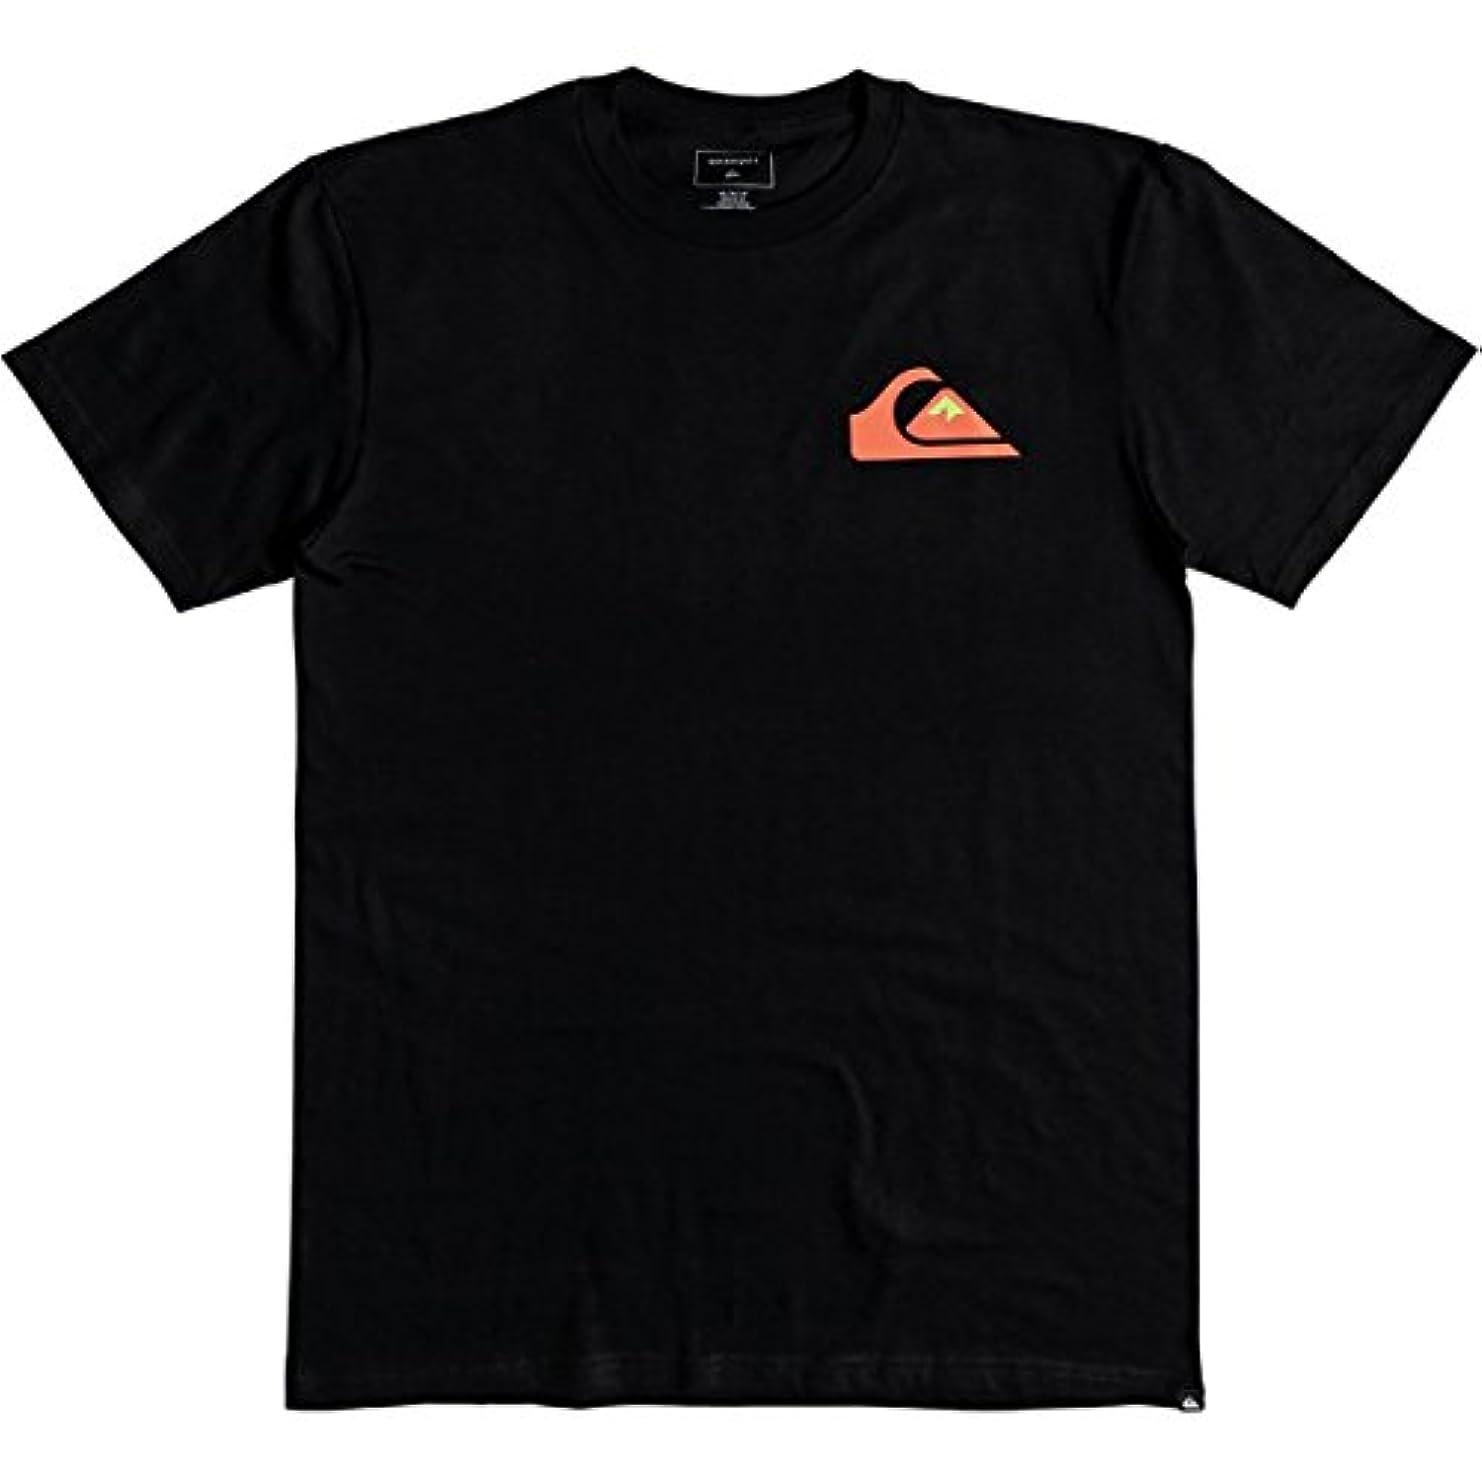 革命パワー再発する[クイックシルバー] メンズ シャツ Vice Versa T-Shirt [並行輸入品]